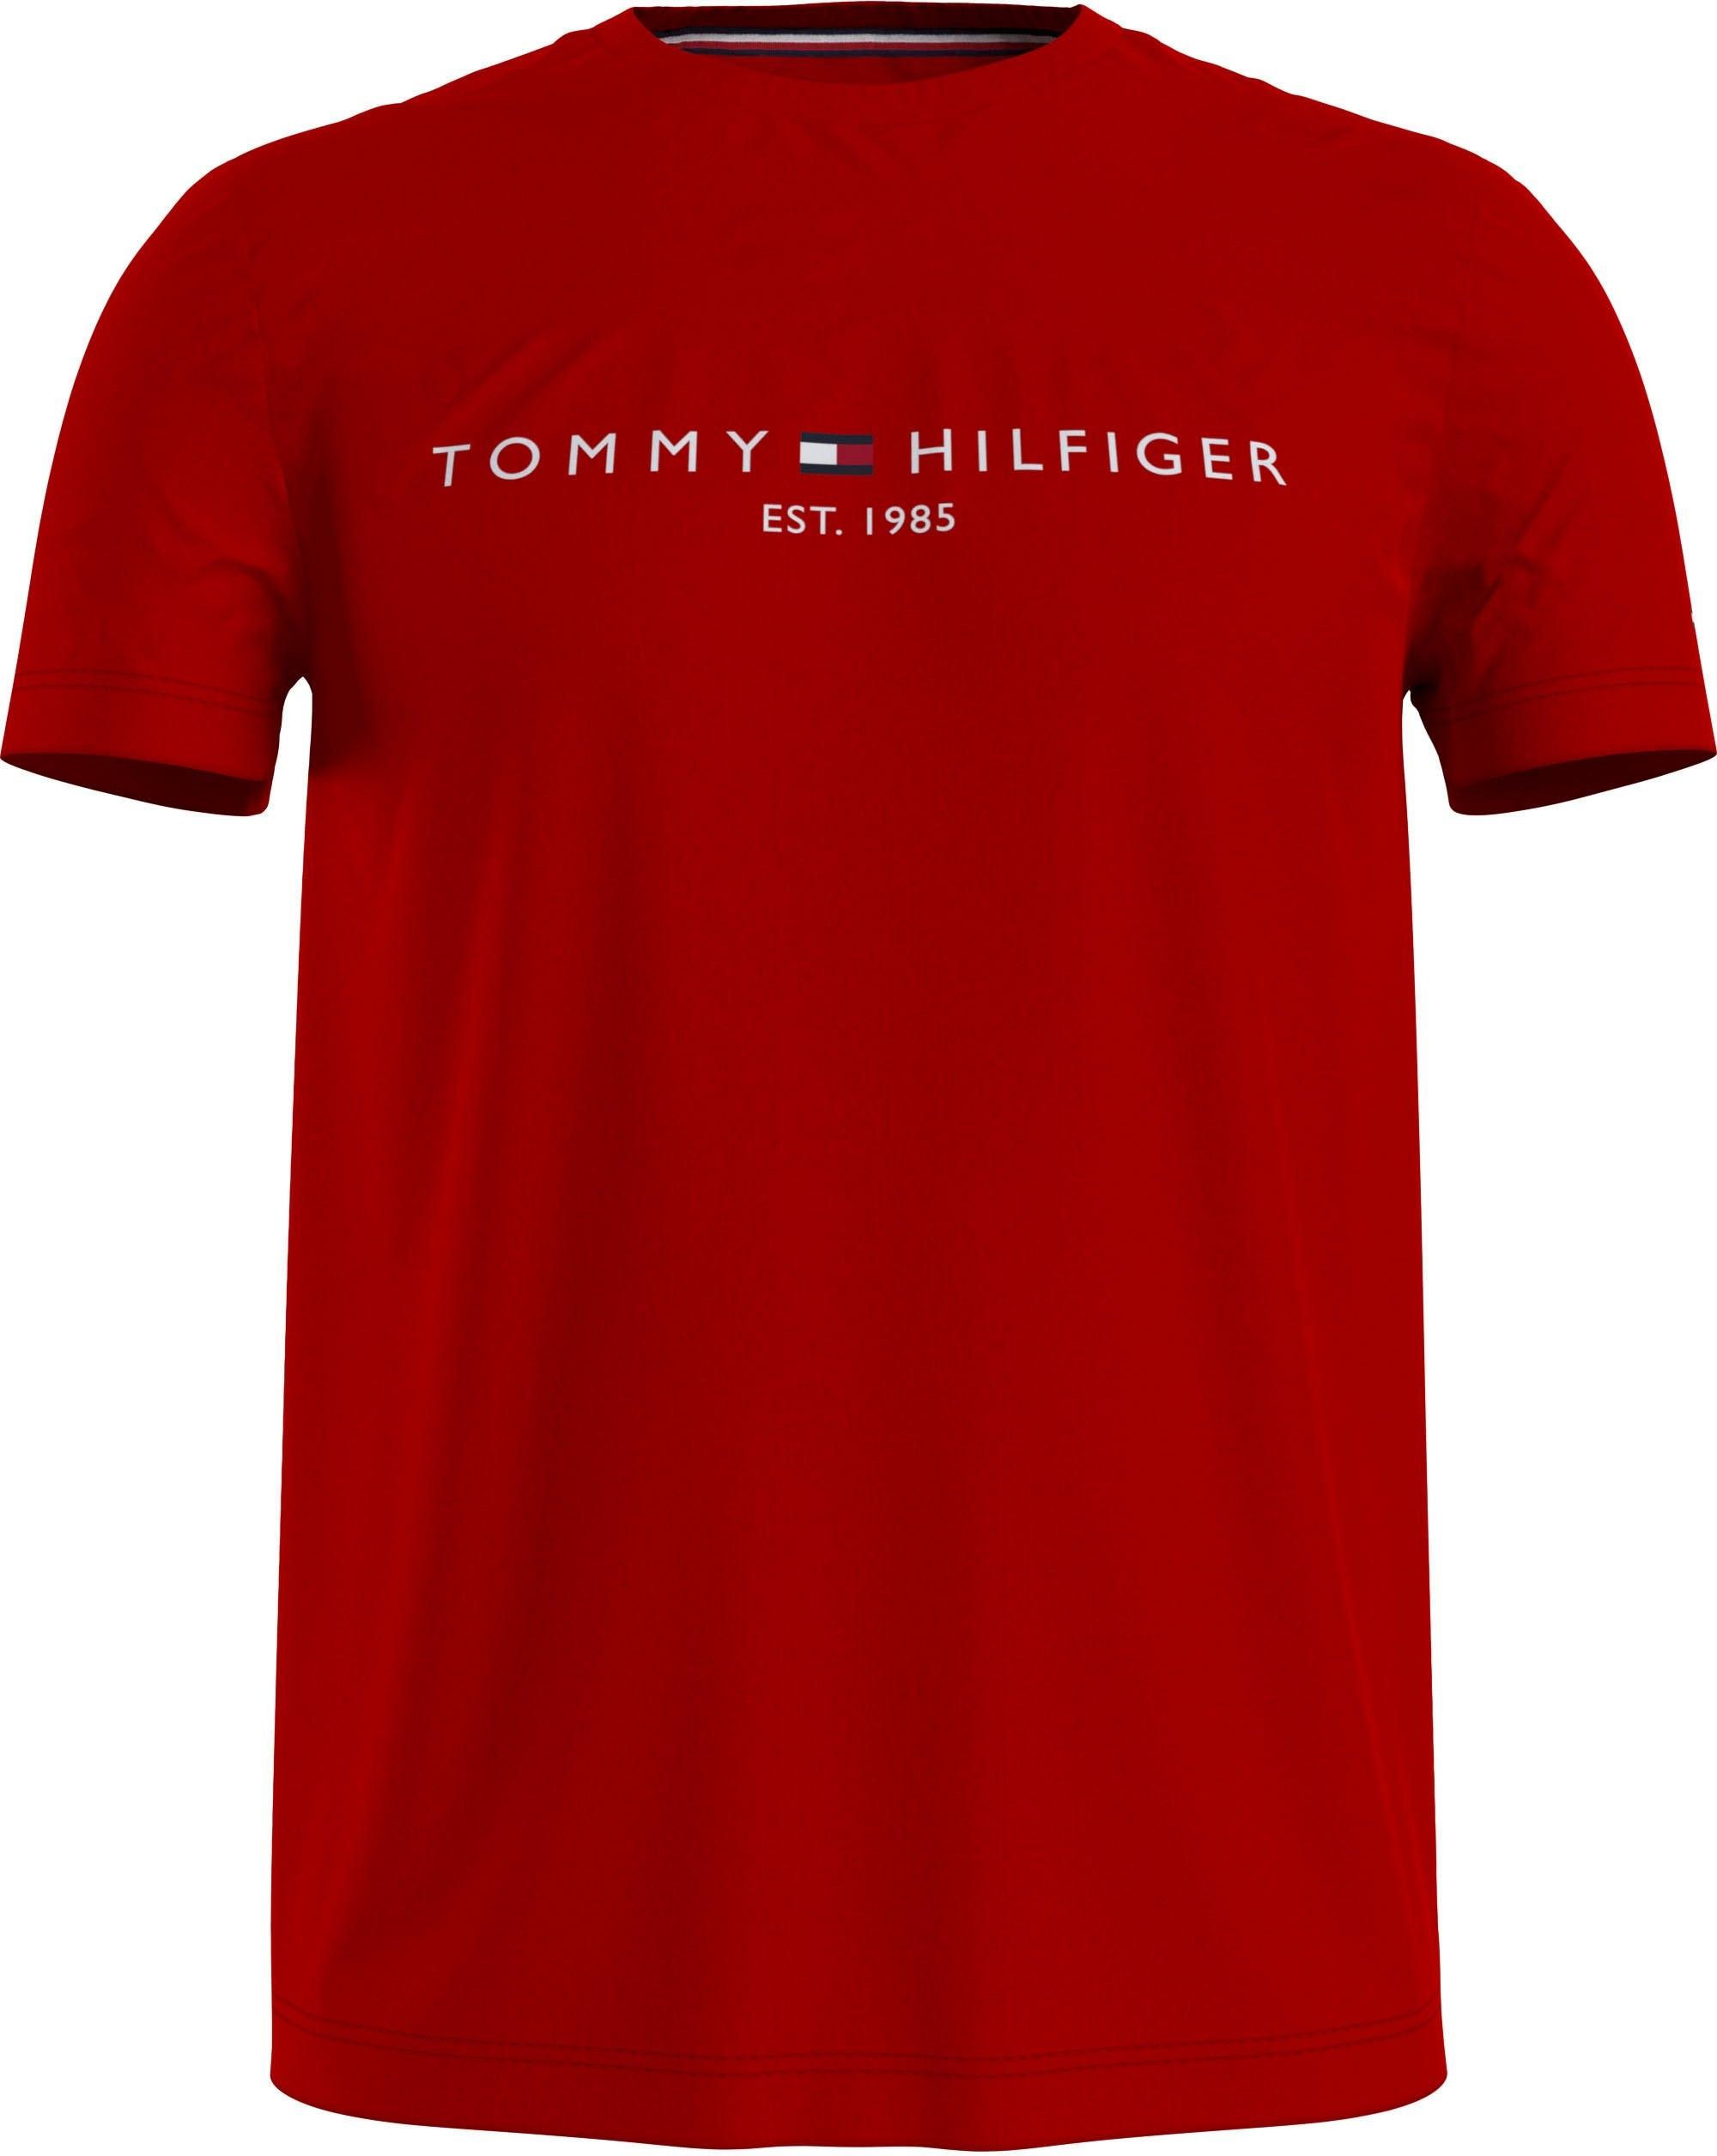 TOMMY HILFIGER T-shirt »Tommy Logo Tee« goedkoop op otto.nl kopen